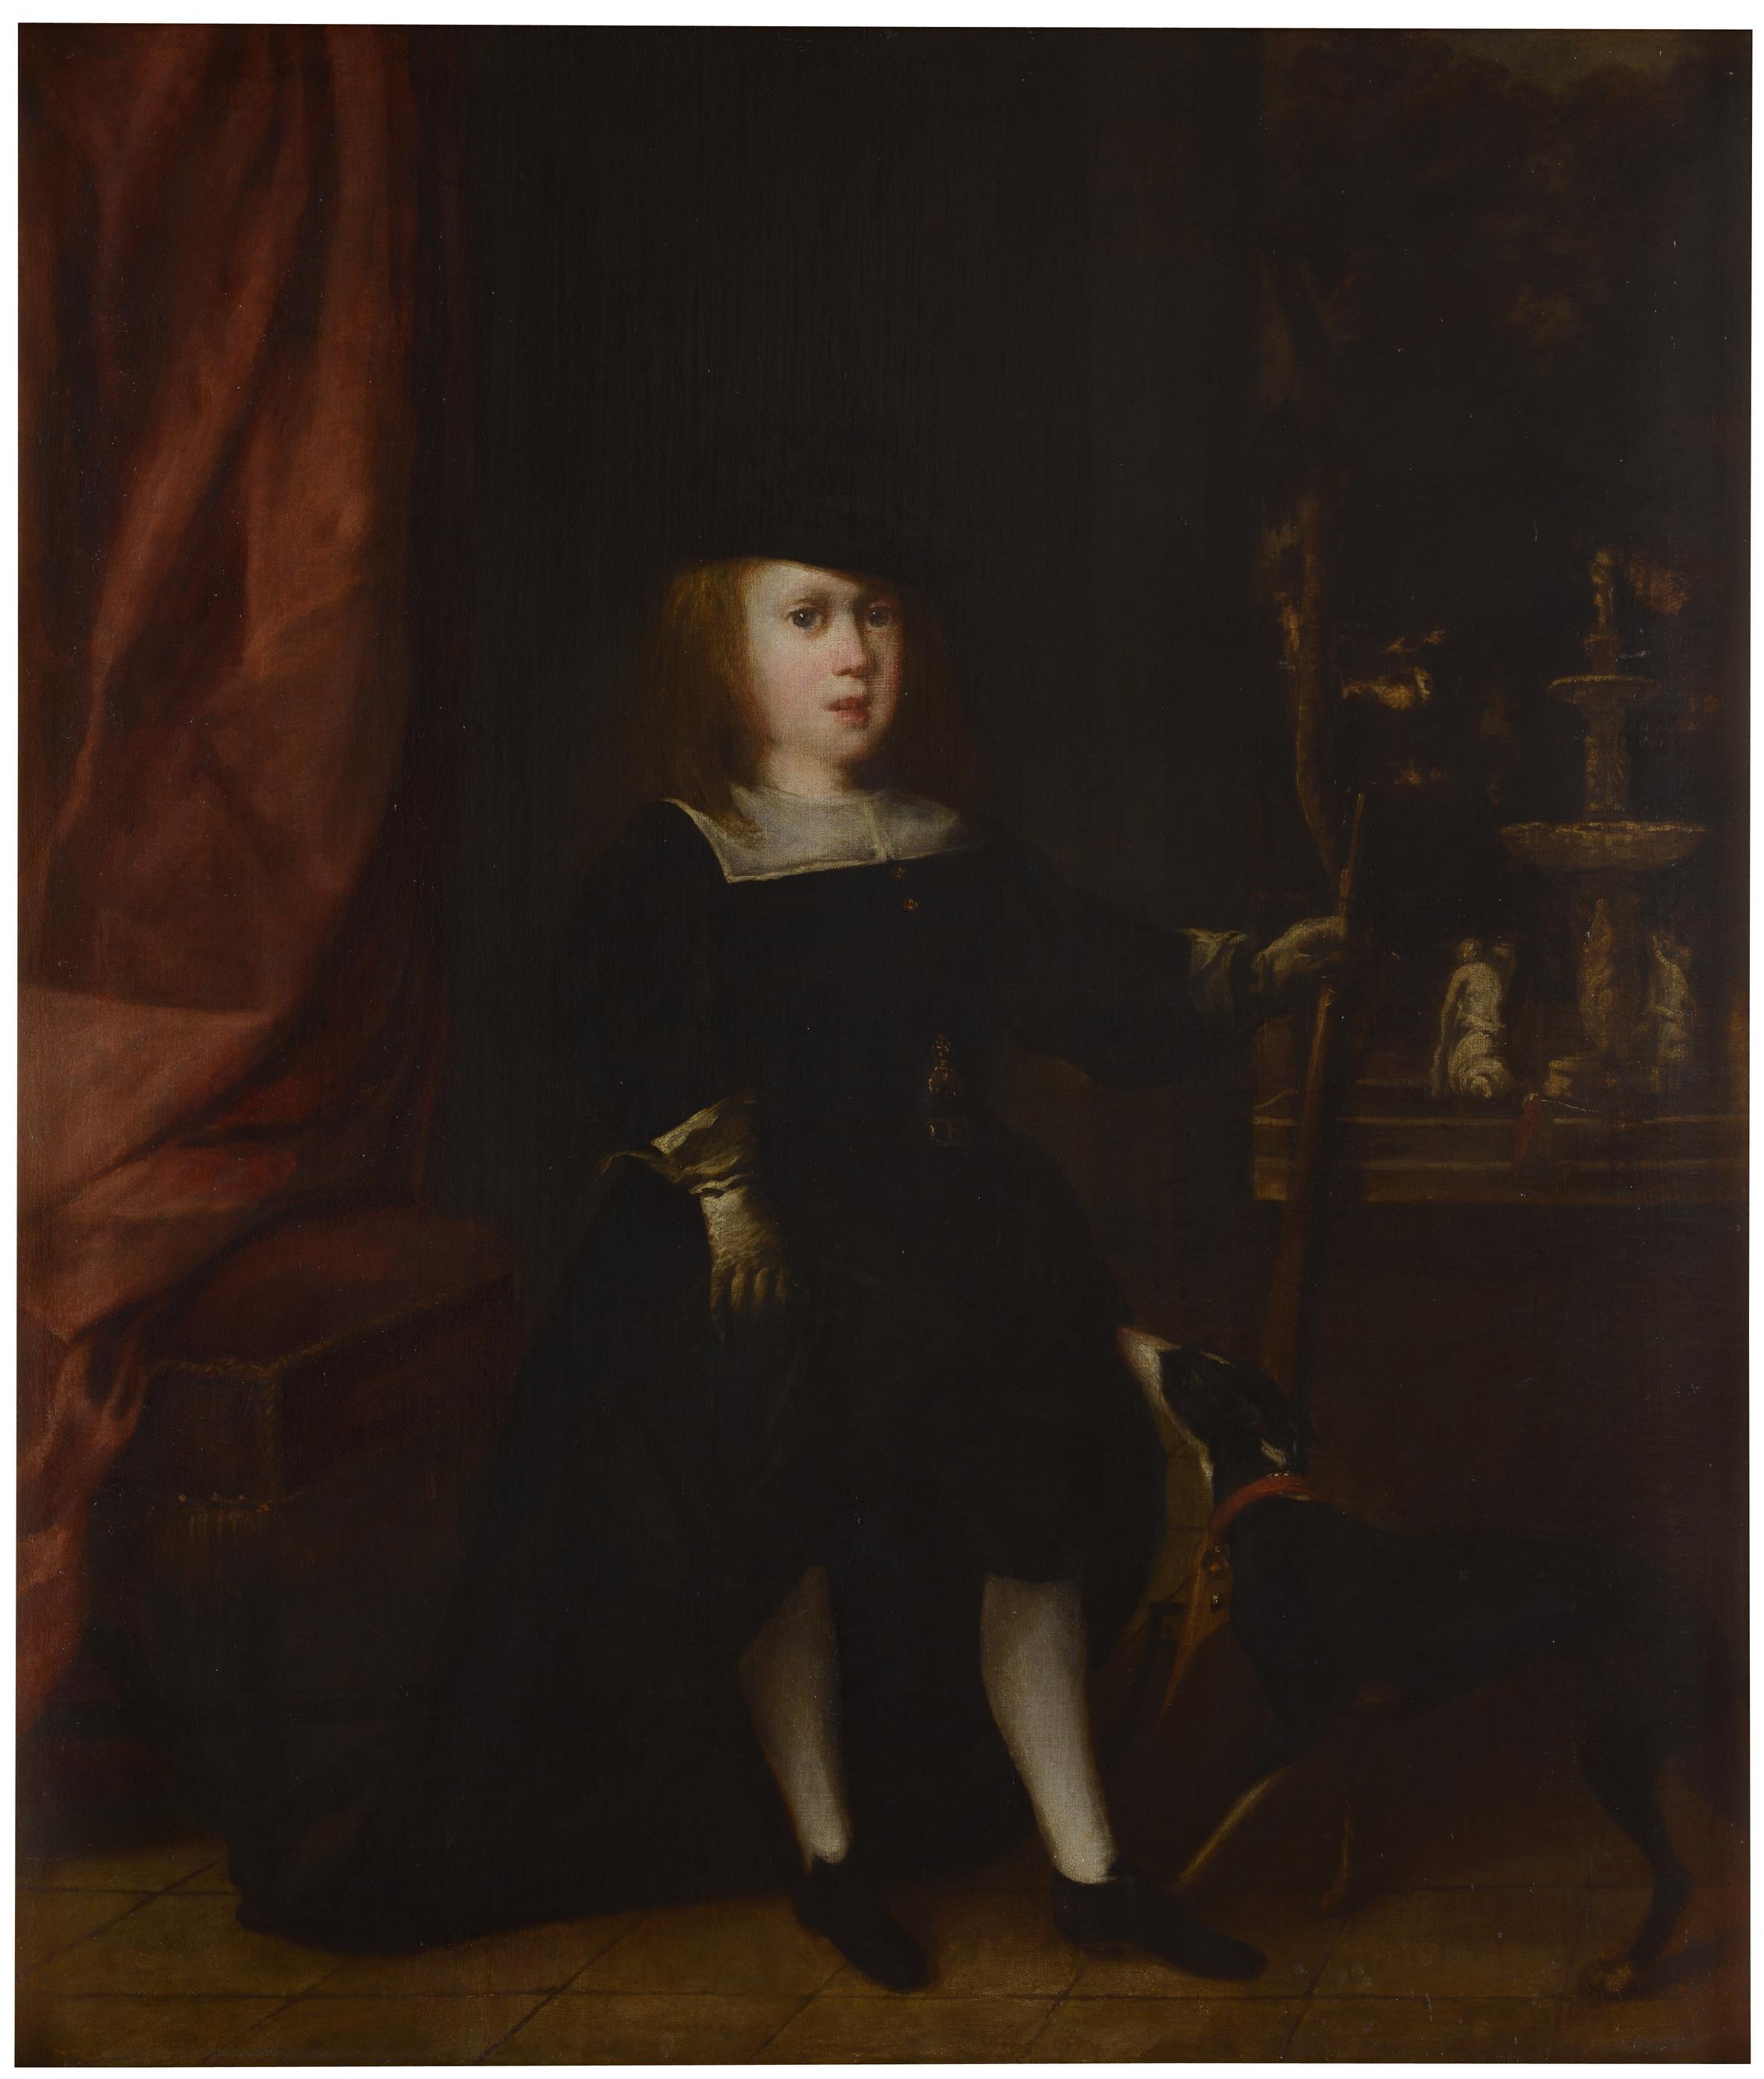 Anónimo madrileño: Carlos II niño como cazador. Madrid, Museo Nacional del Prado.